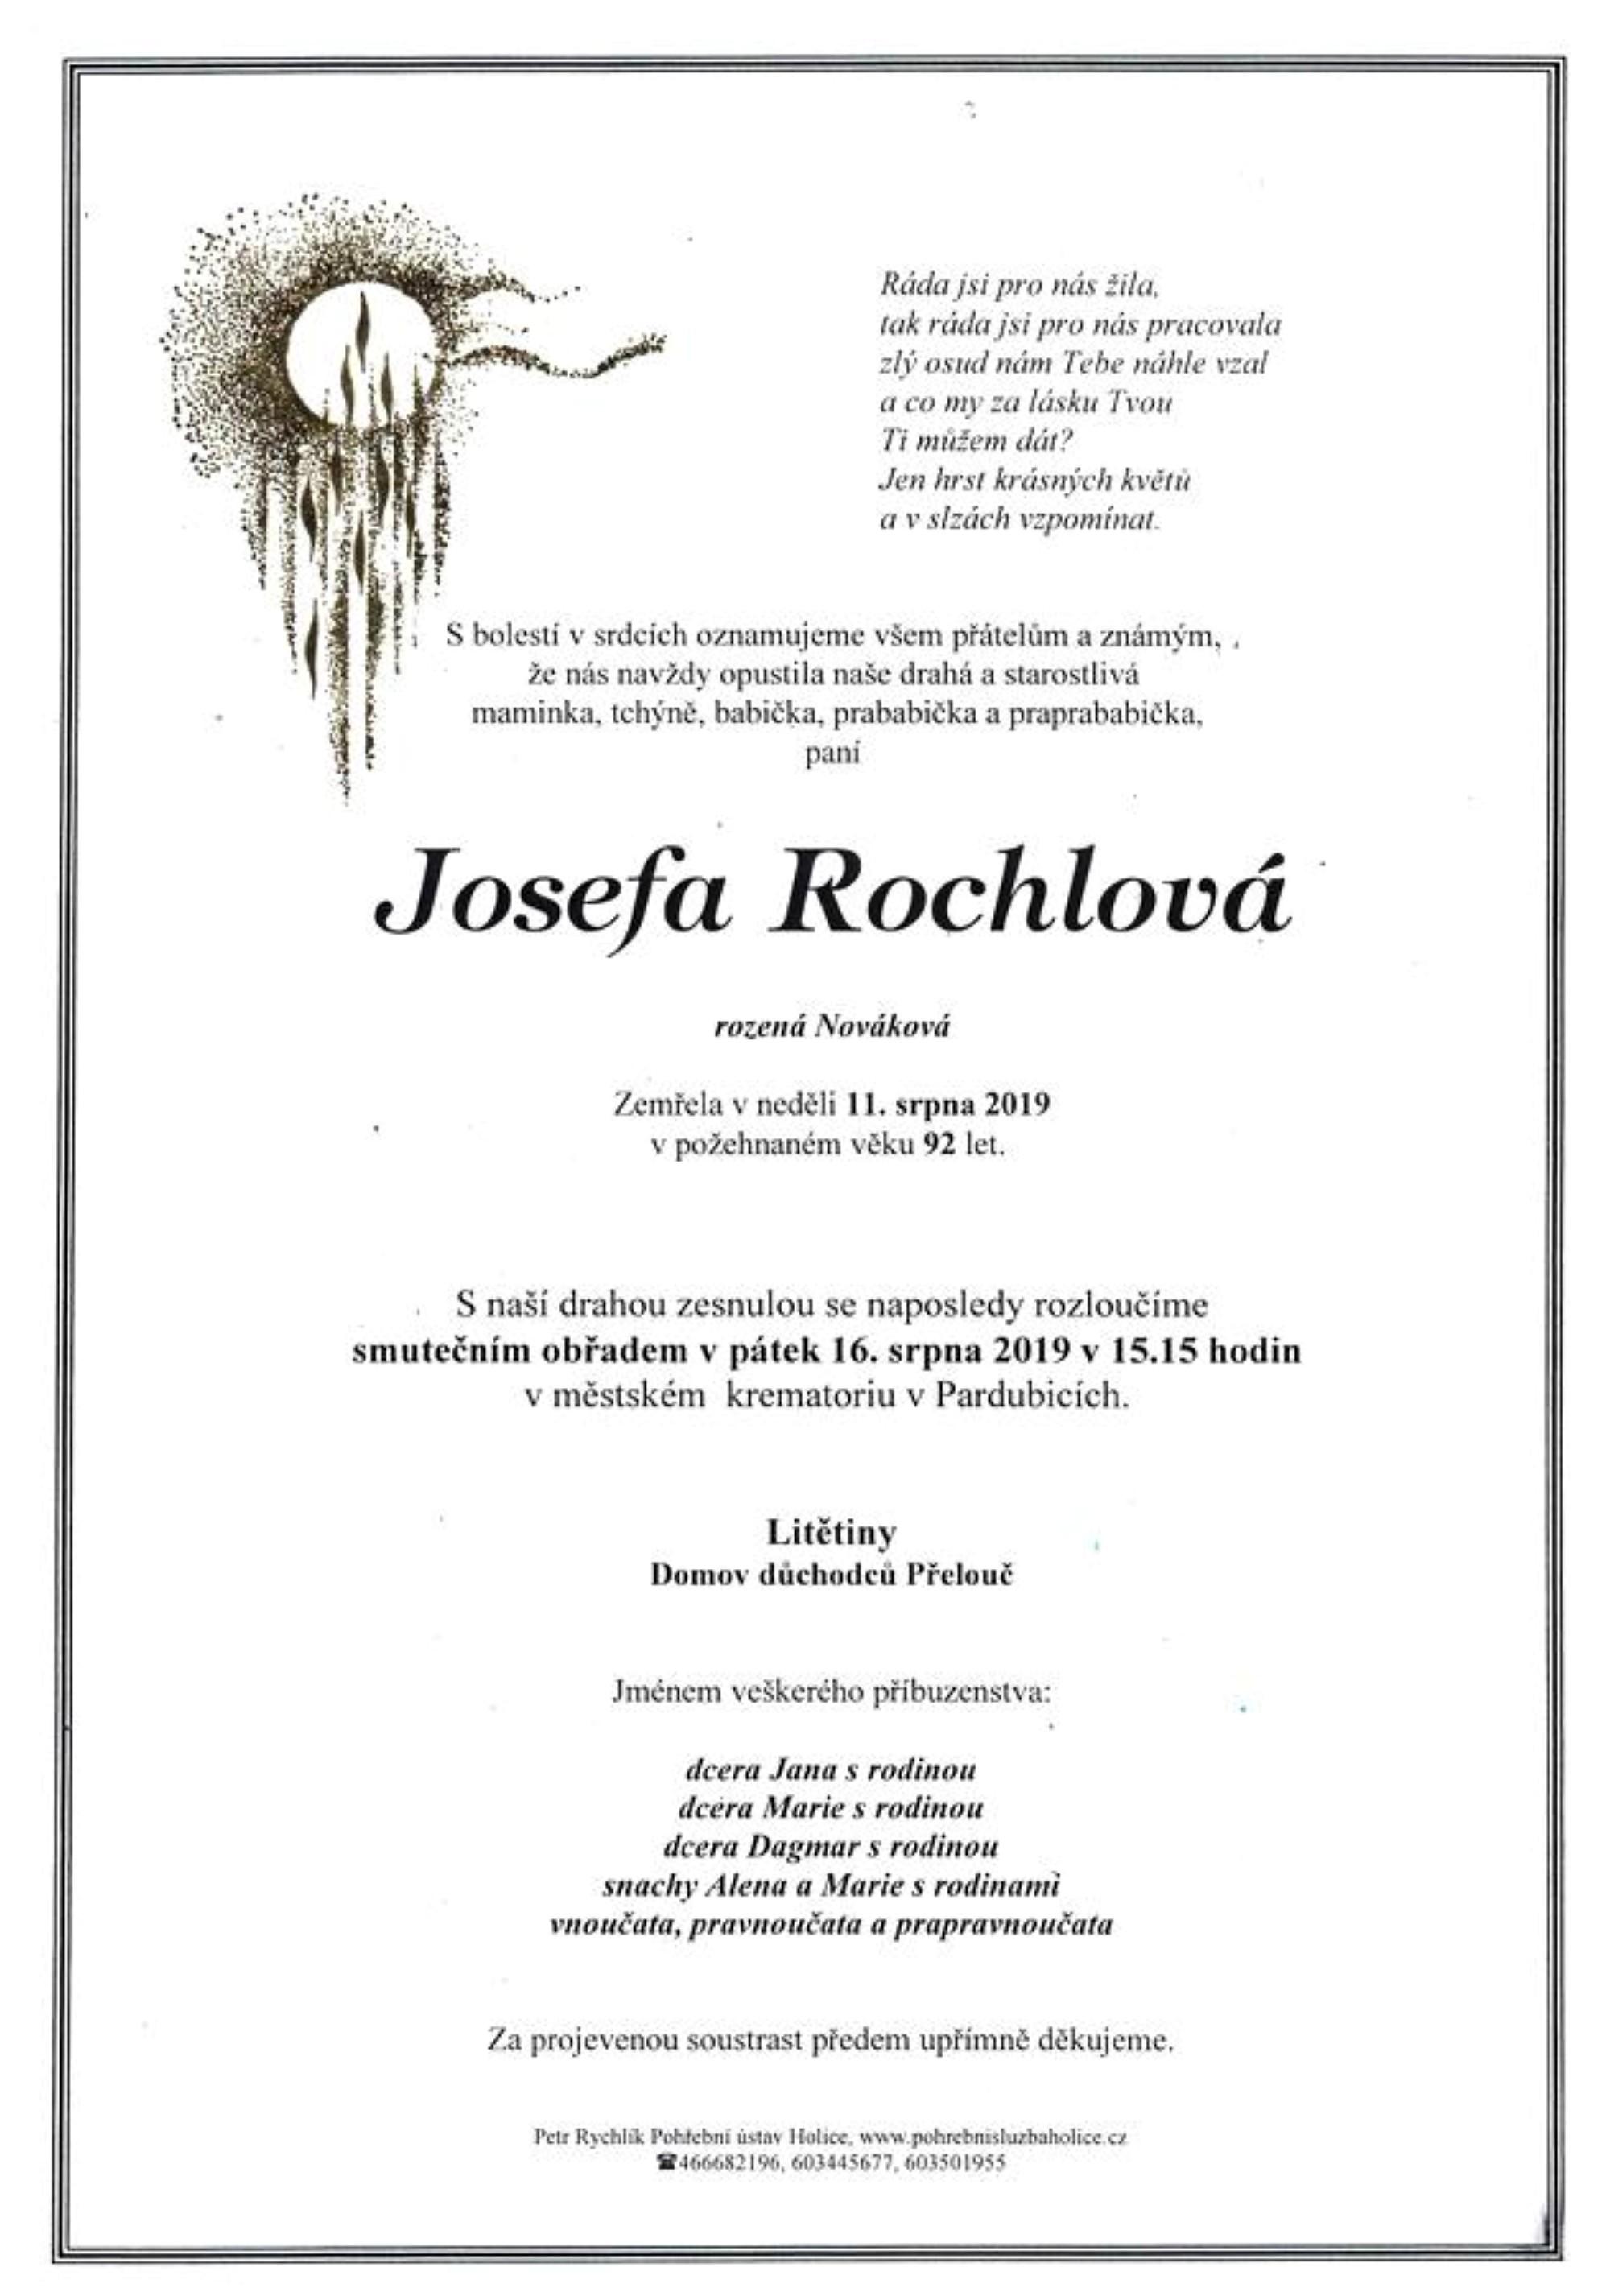 Josefa Rochlová